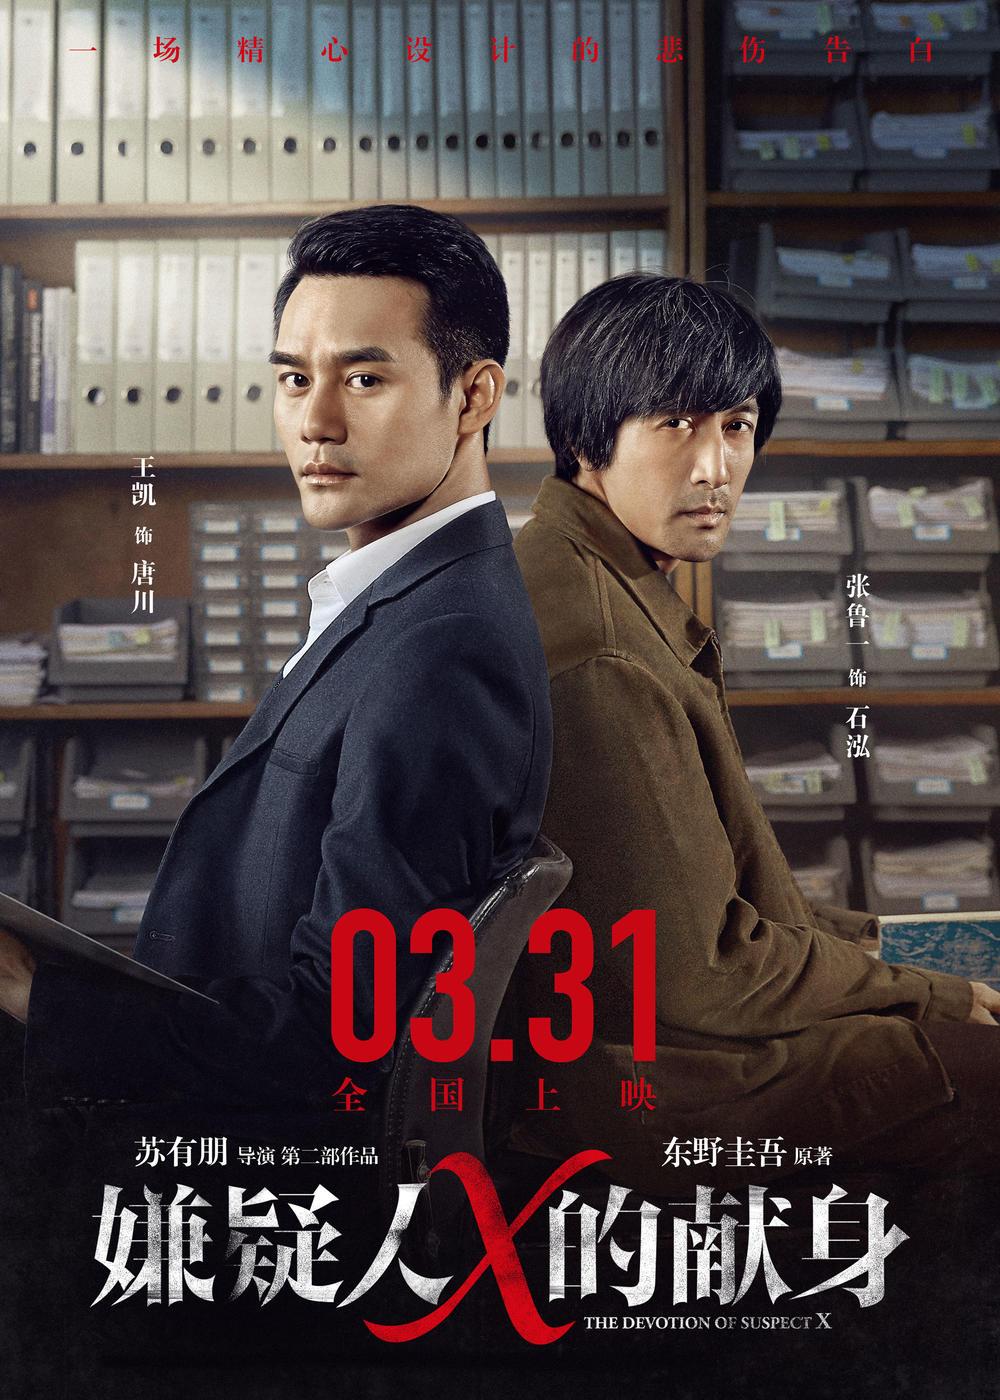 《嫌疑人X的献身》海报.jpg